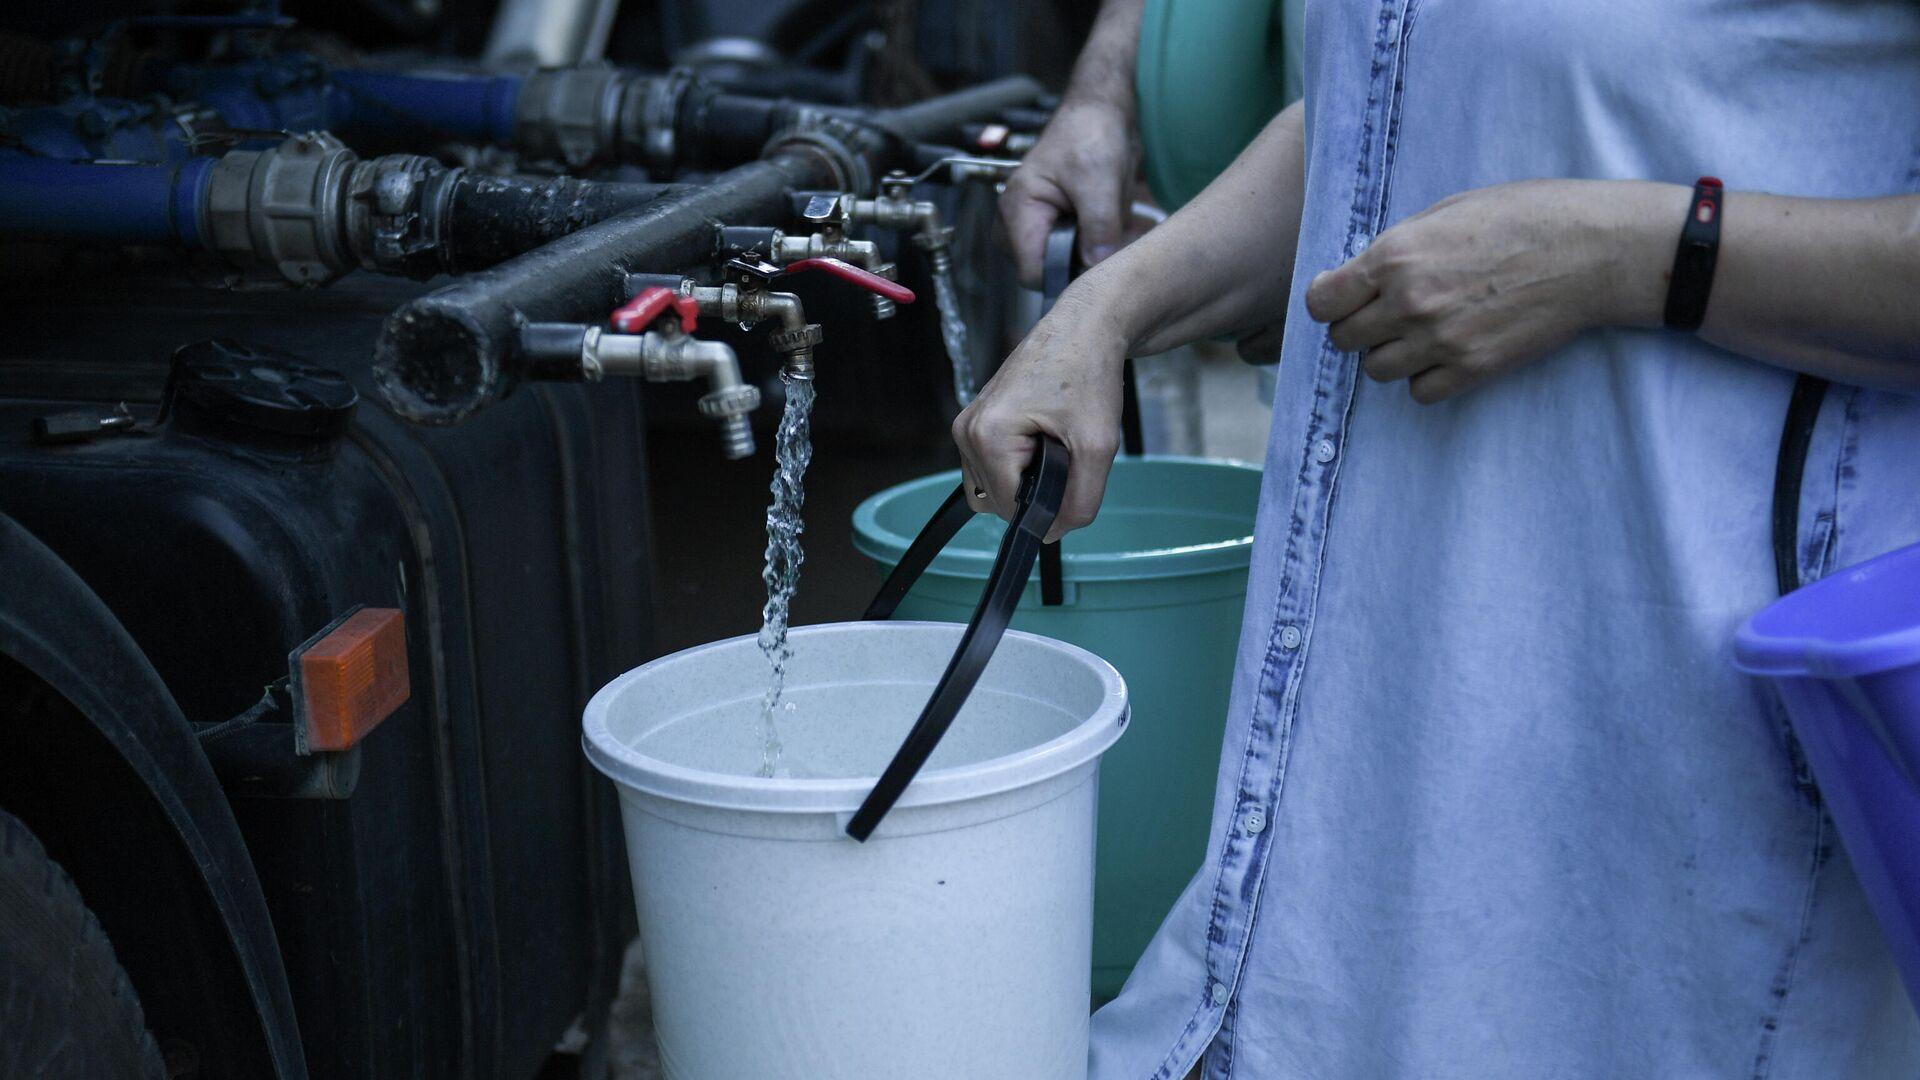 Жители Cимферополя набирают в емкости питьевую воду, привезенную в цистернах - РИА Новости, 1920, 15.09.2020